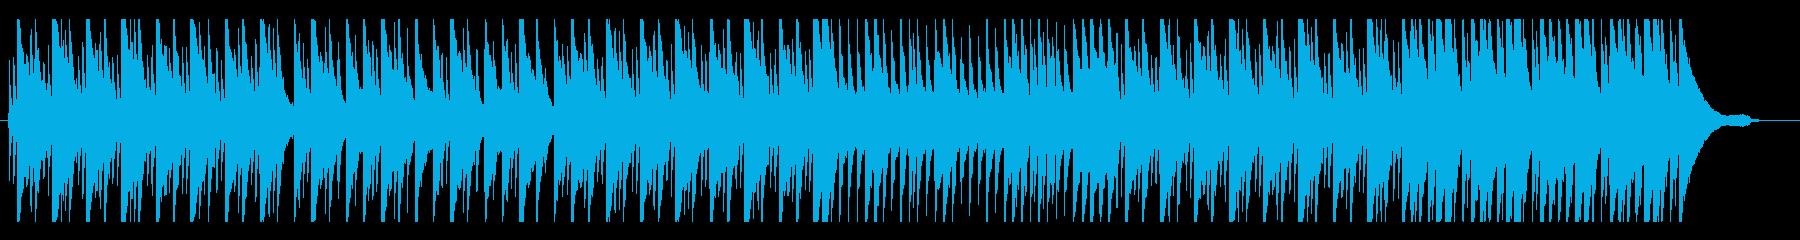 懐かしい雰囲気のピアノソロの再生済みの波形